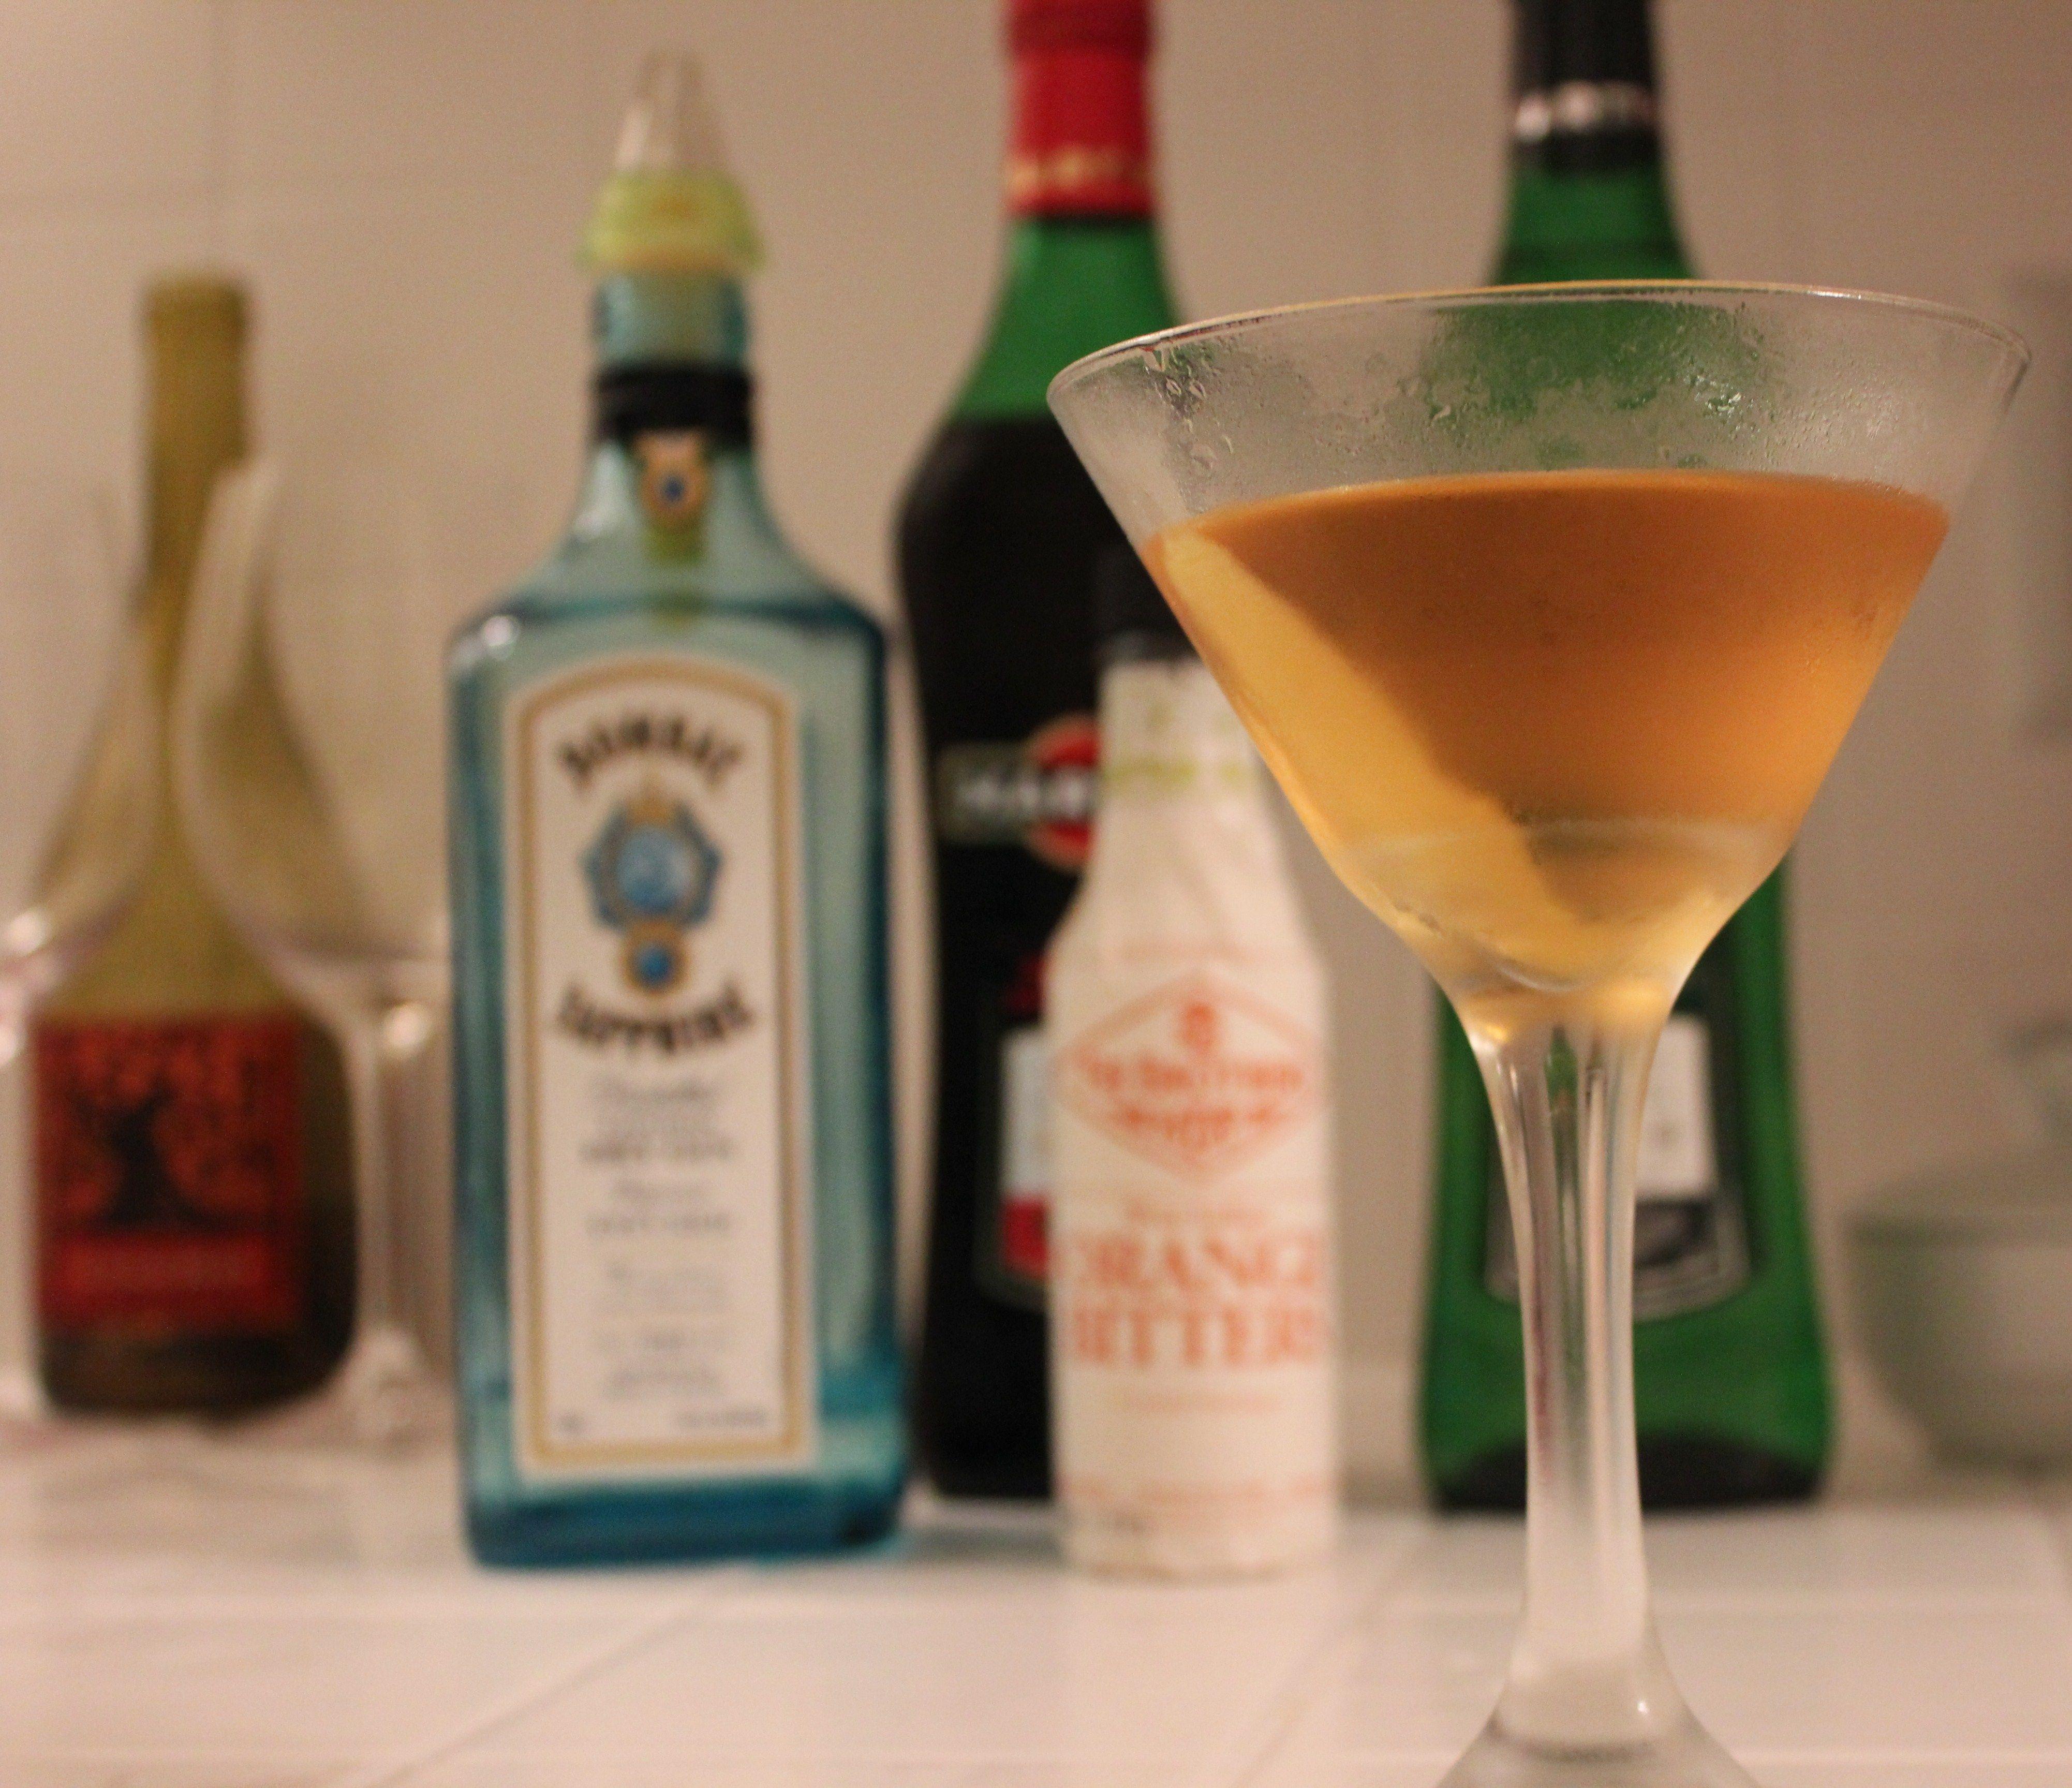 Martini, perfect.  2.25 oz gin,  0.5 oz sweet vermouth,  0.5 oz dry vermouth, Dash orange bitters    STIR, don't shake.